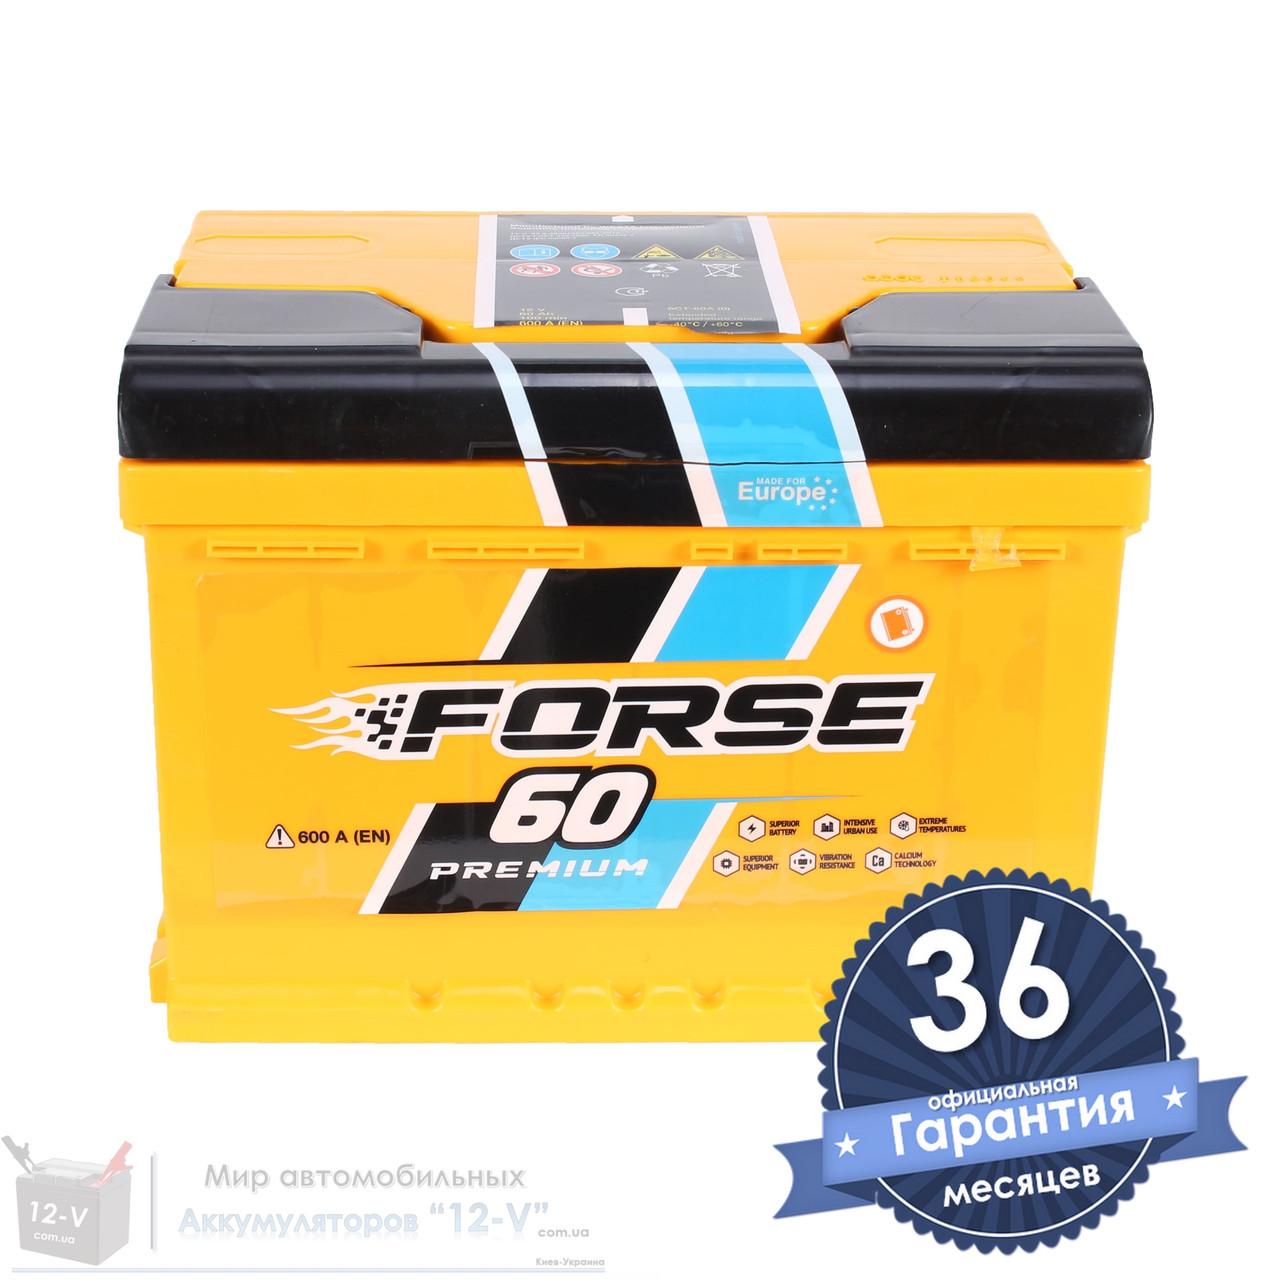 Аккумулятор автомобильный FORSE 6CT 60Ah, пусковой ток 600А (Низкий) [– +]